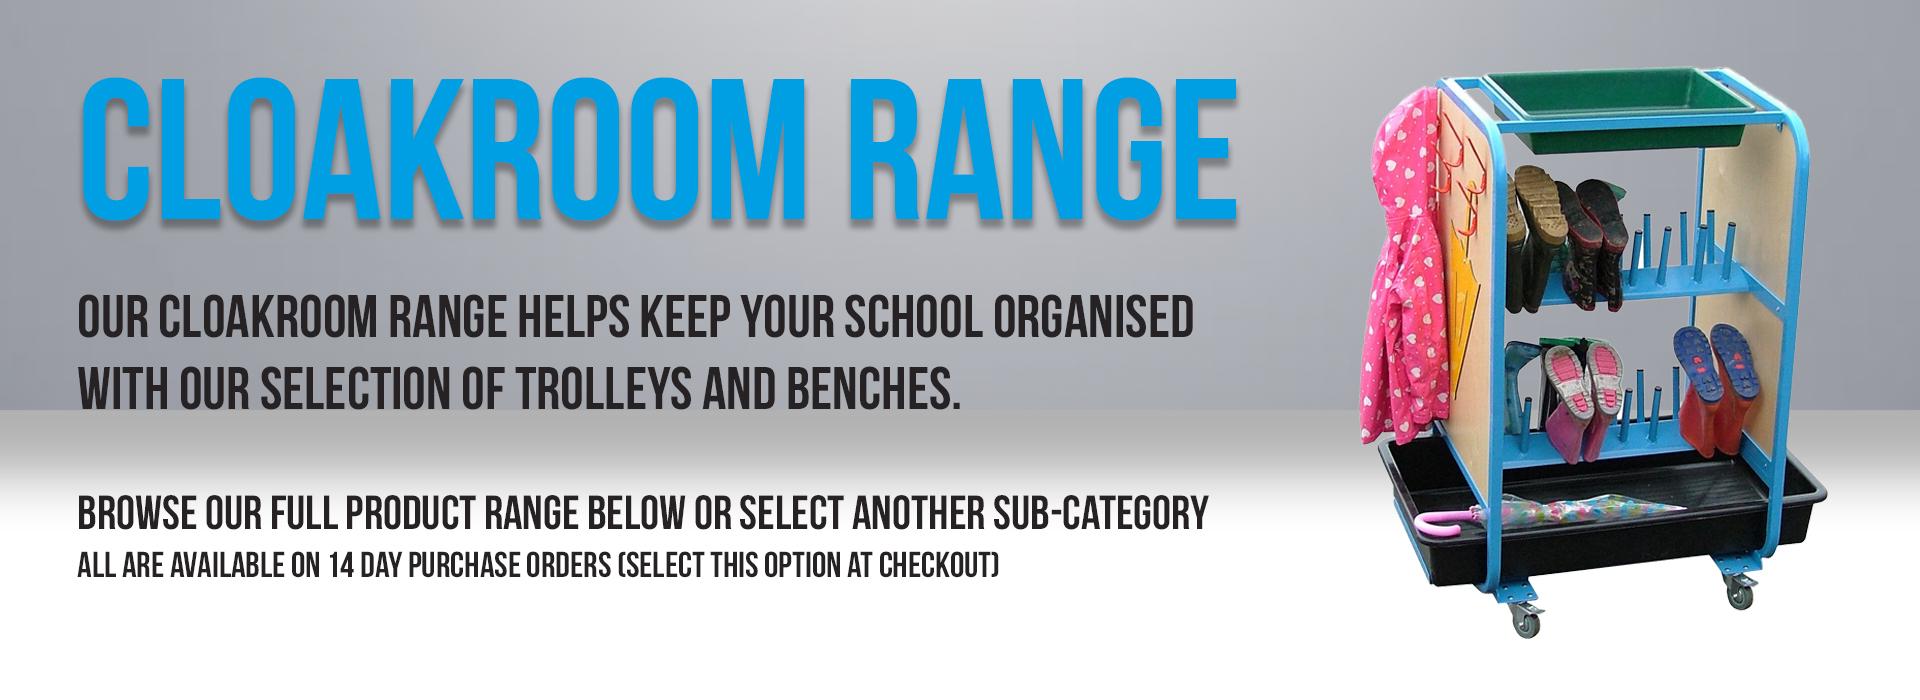 cloakroom-range-banner.jpg